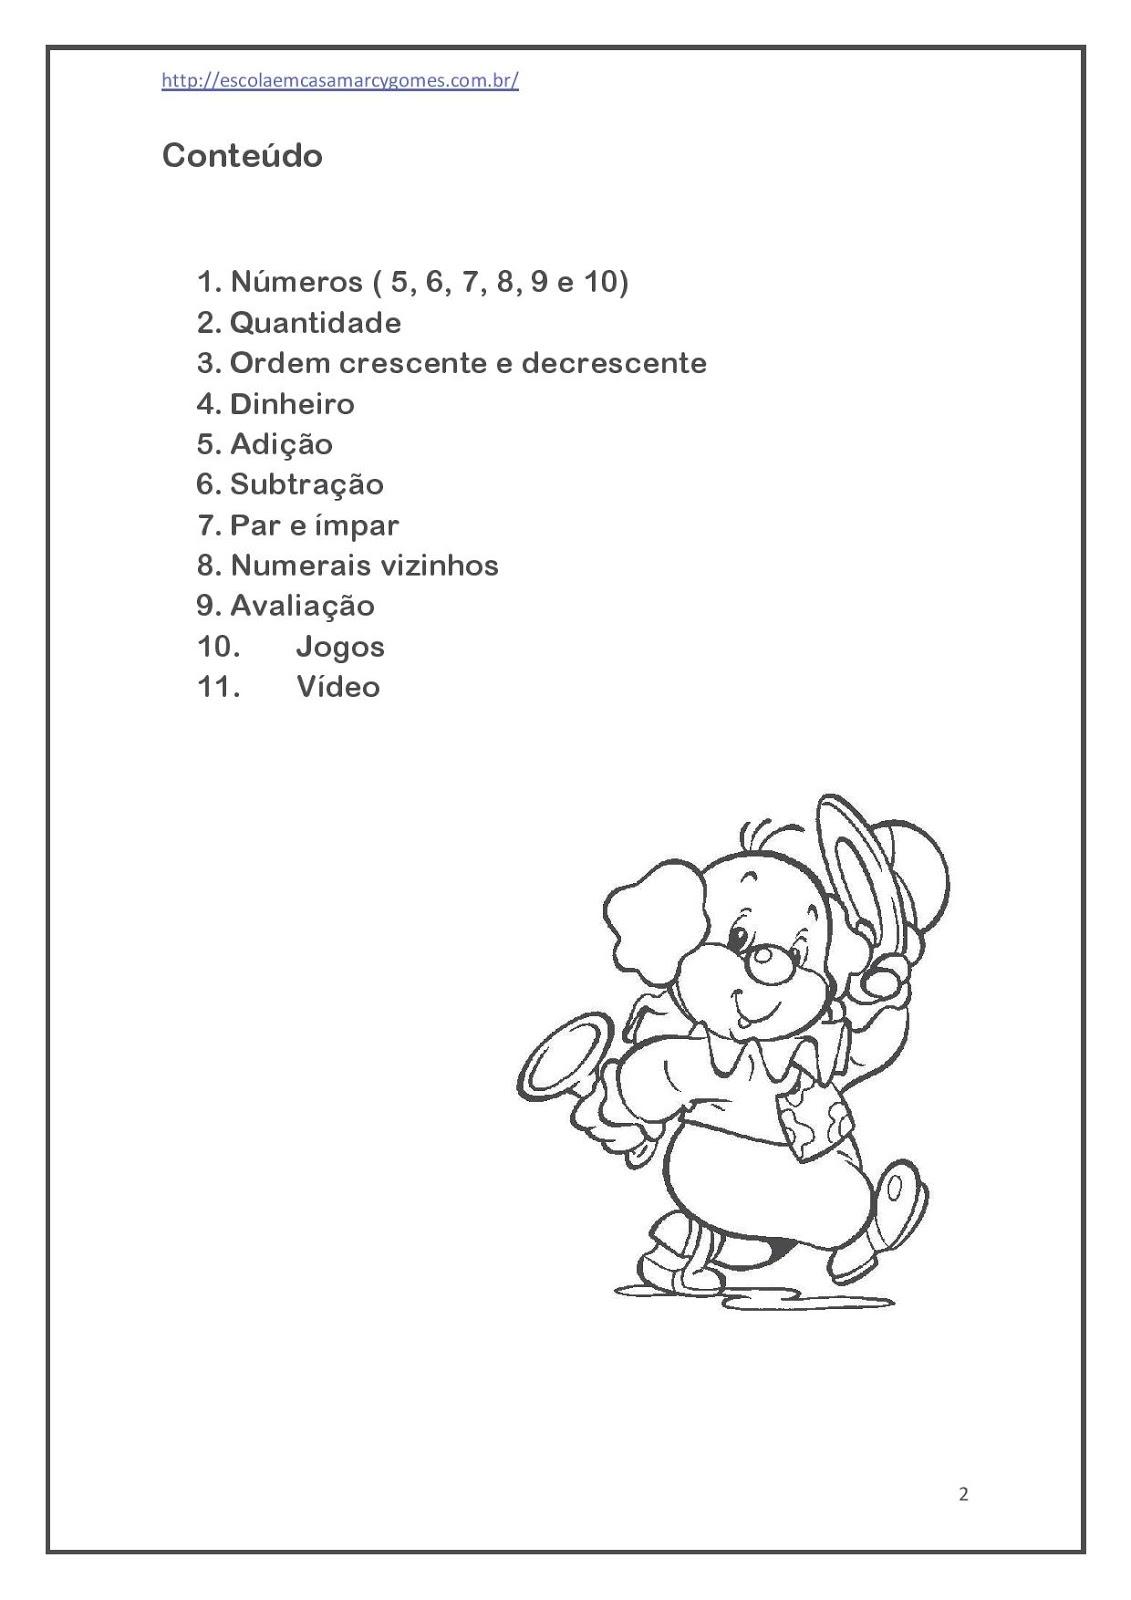 Apostila Educação Infantil Ii Matemática Parte 2 120 Páginas